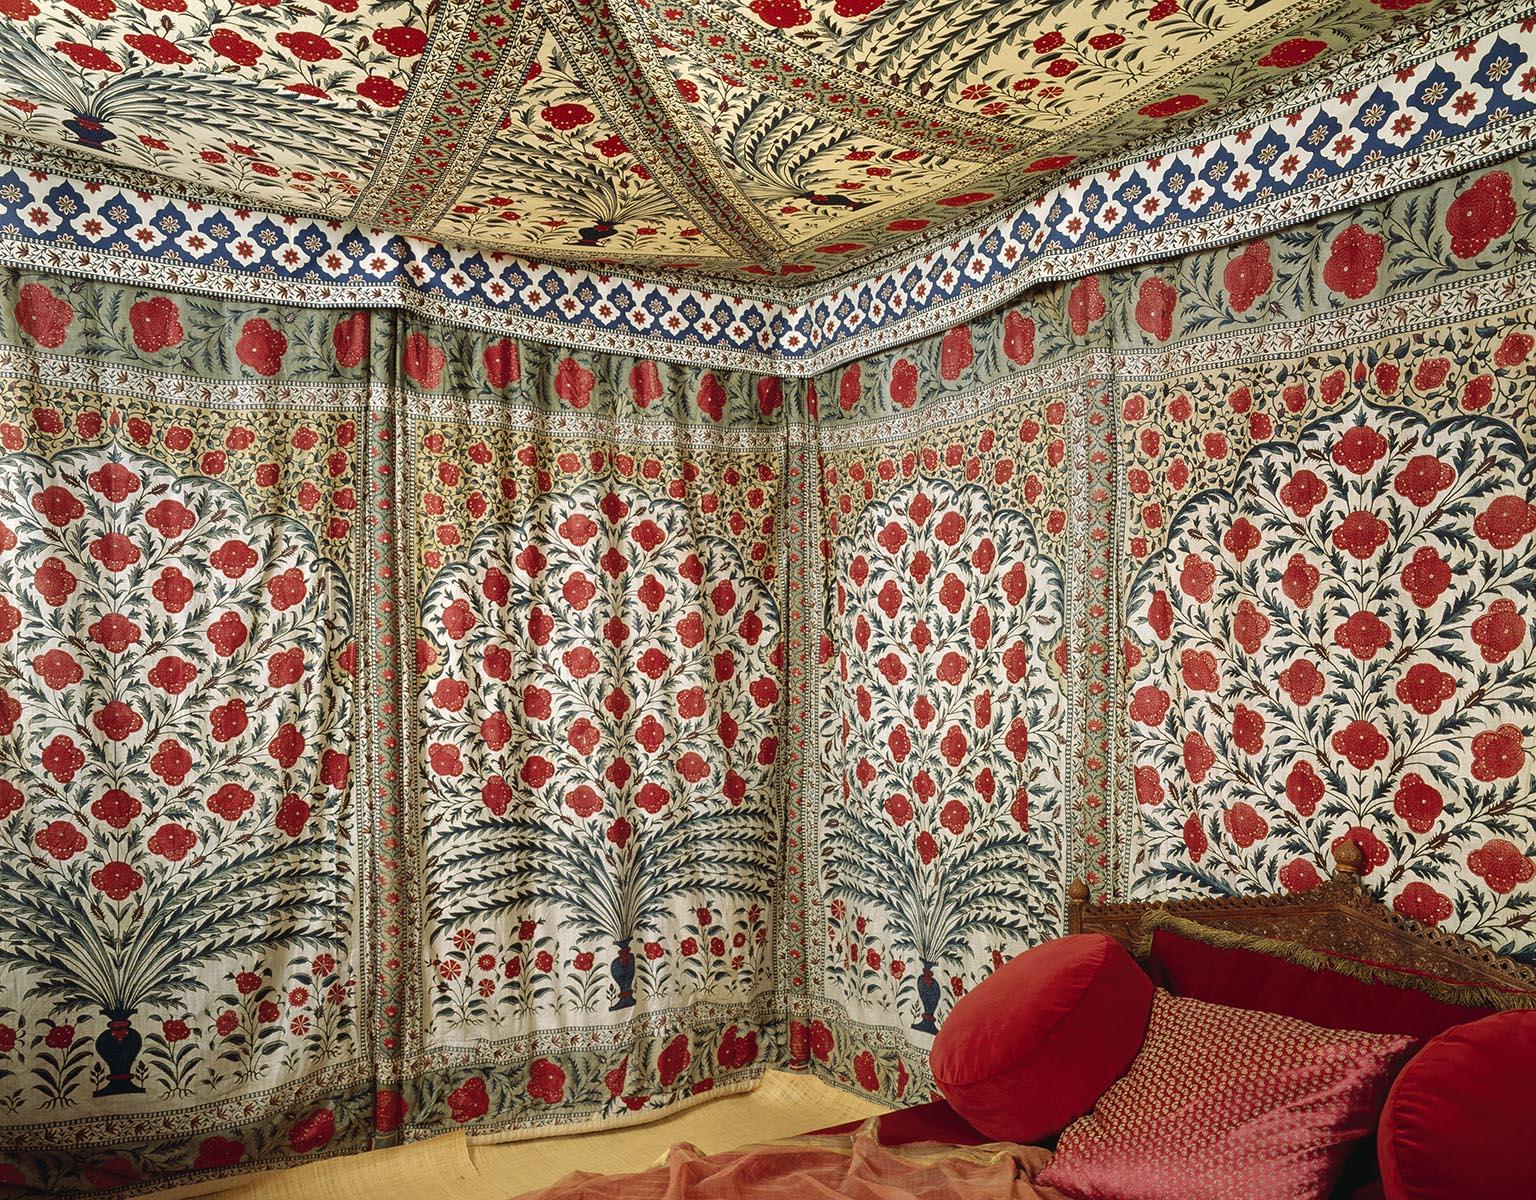 Tent van Tipu Sultan, laat-Mughal, ca. 1725 - 1750, Victoria & Albert Museum